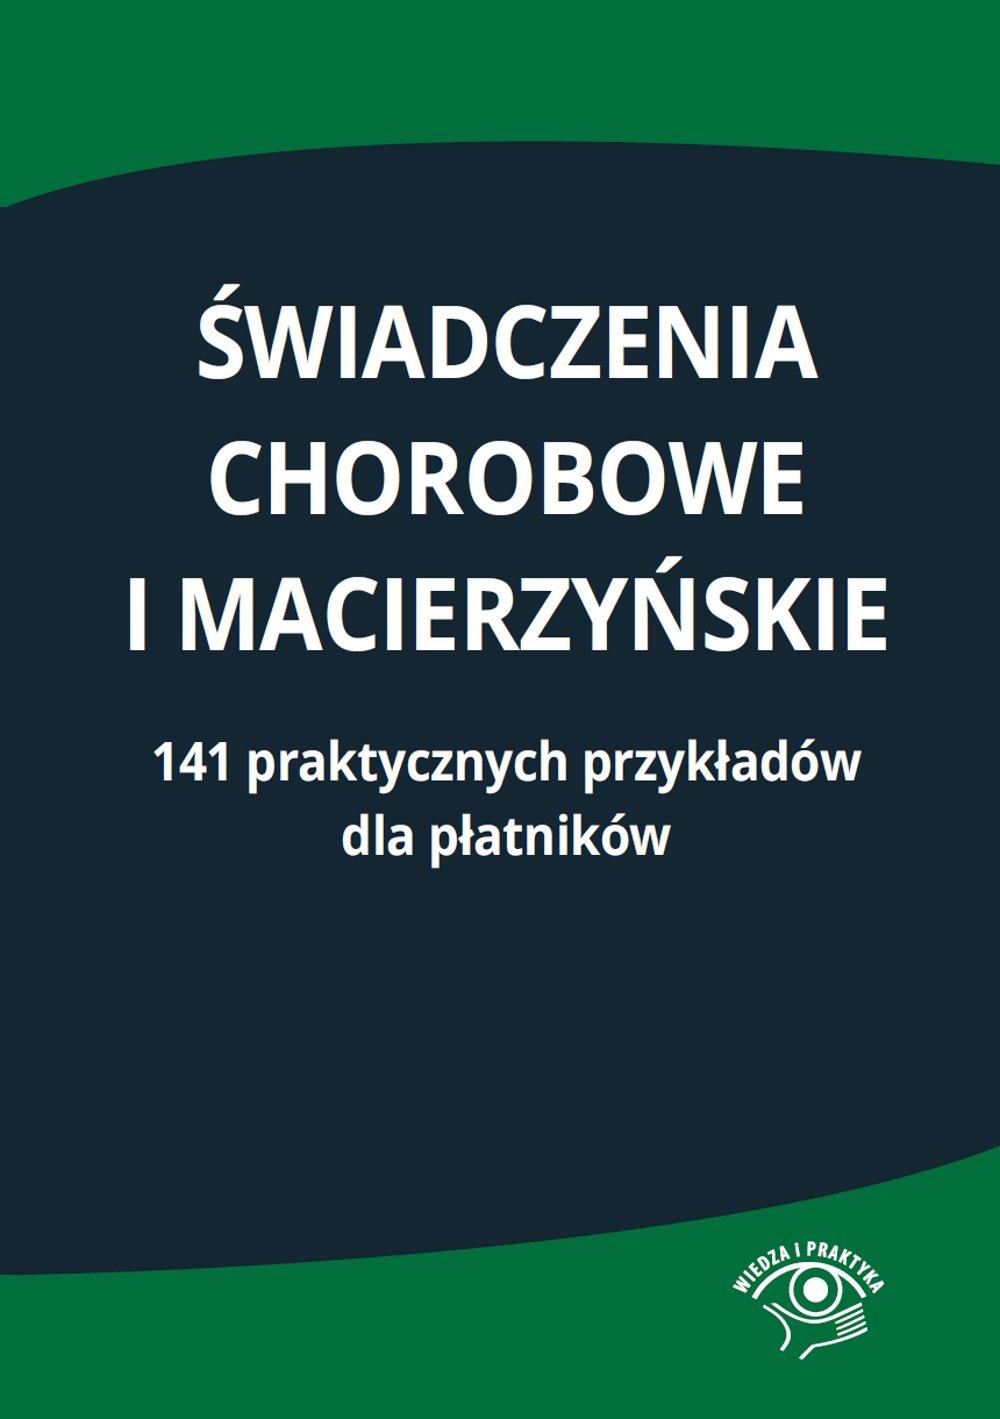 Świadczenia chorobowe i macierzyńskie. 141 praktycznych przykładów dla płatników - Ebook (Książka na Kindle) do pobrania w formacie MOBI